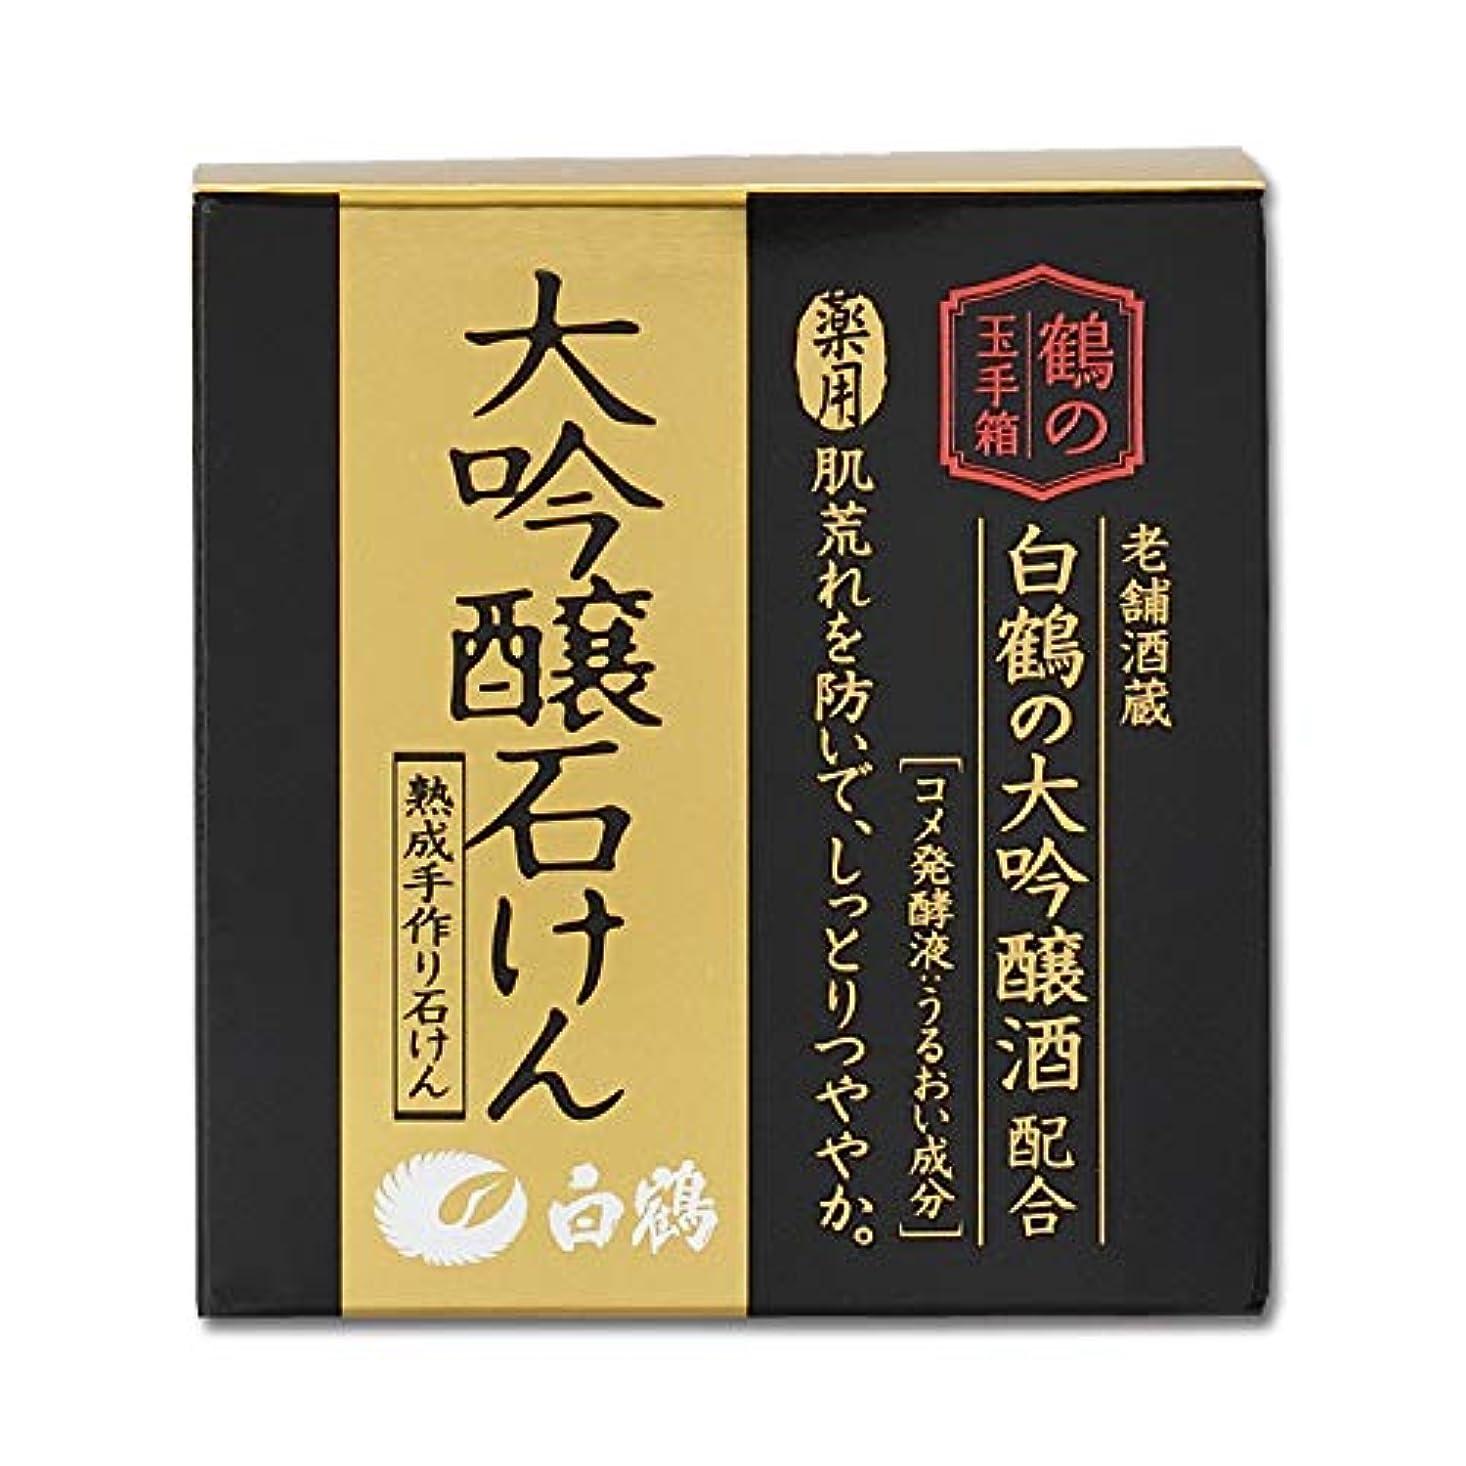 句平行気候の山白鶴 鶴の玉手箱 薬用 大吟醸石けん 100g (医薬部外品)